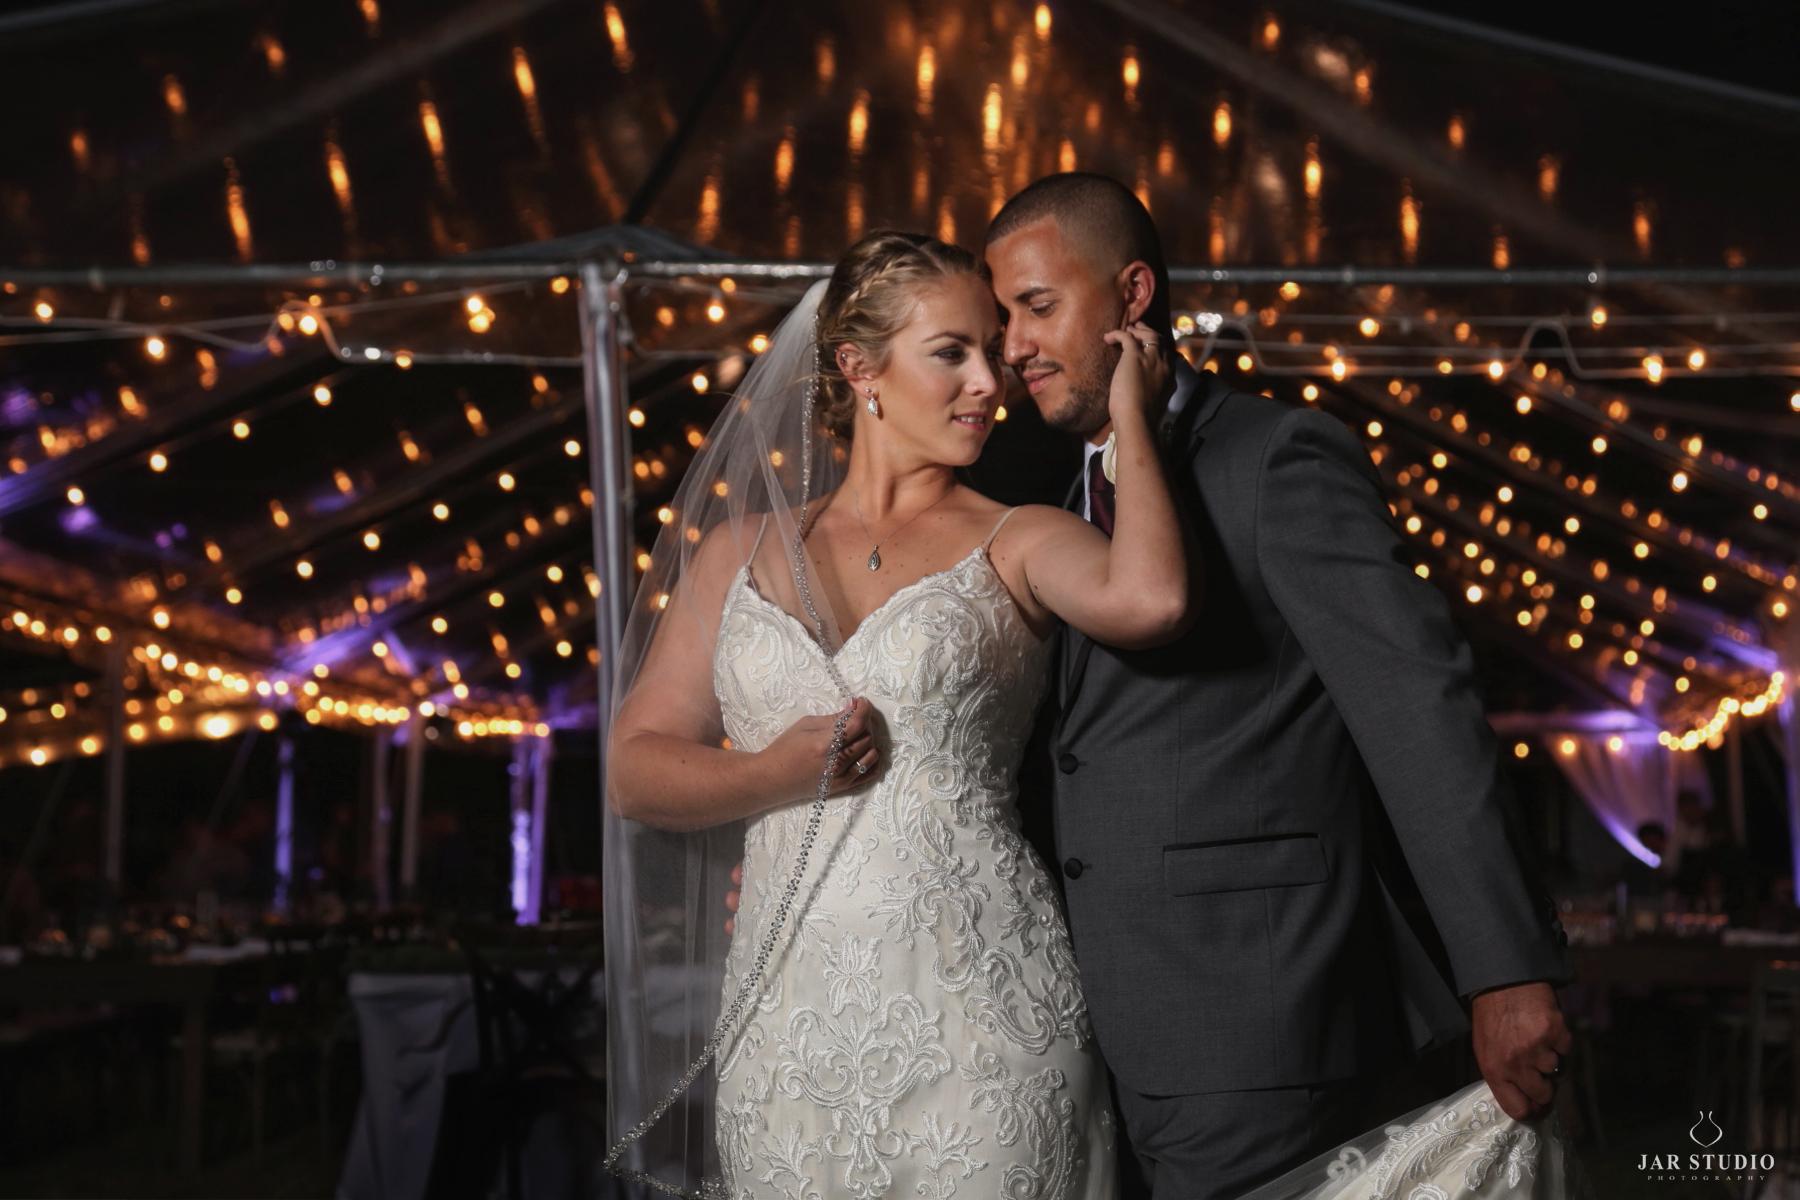 jarstudio-wedding-photographer-489.JPG